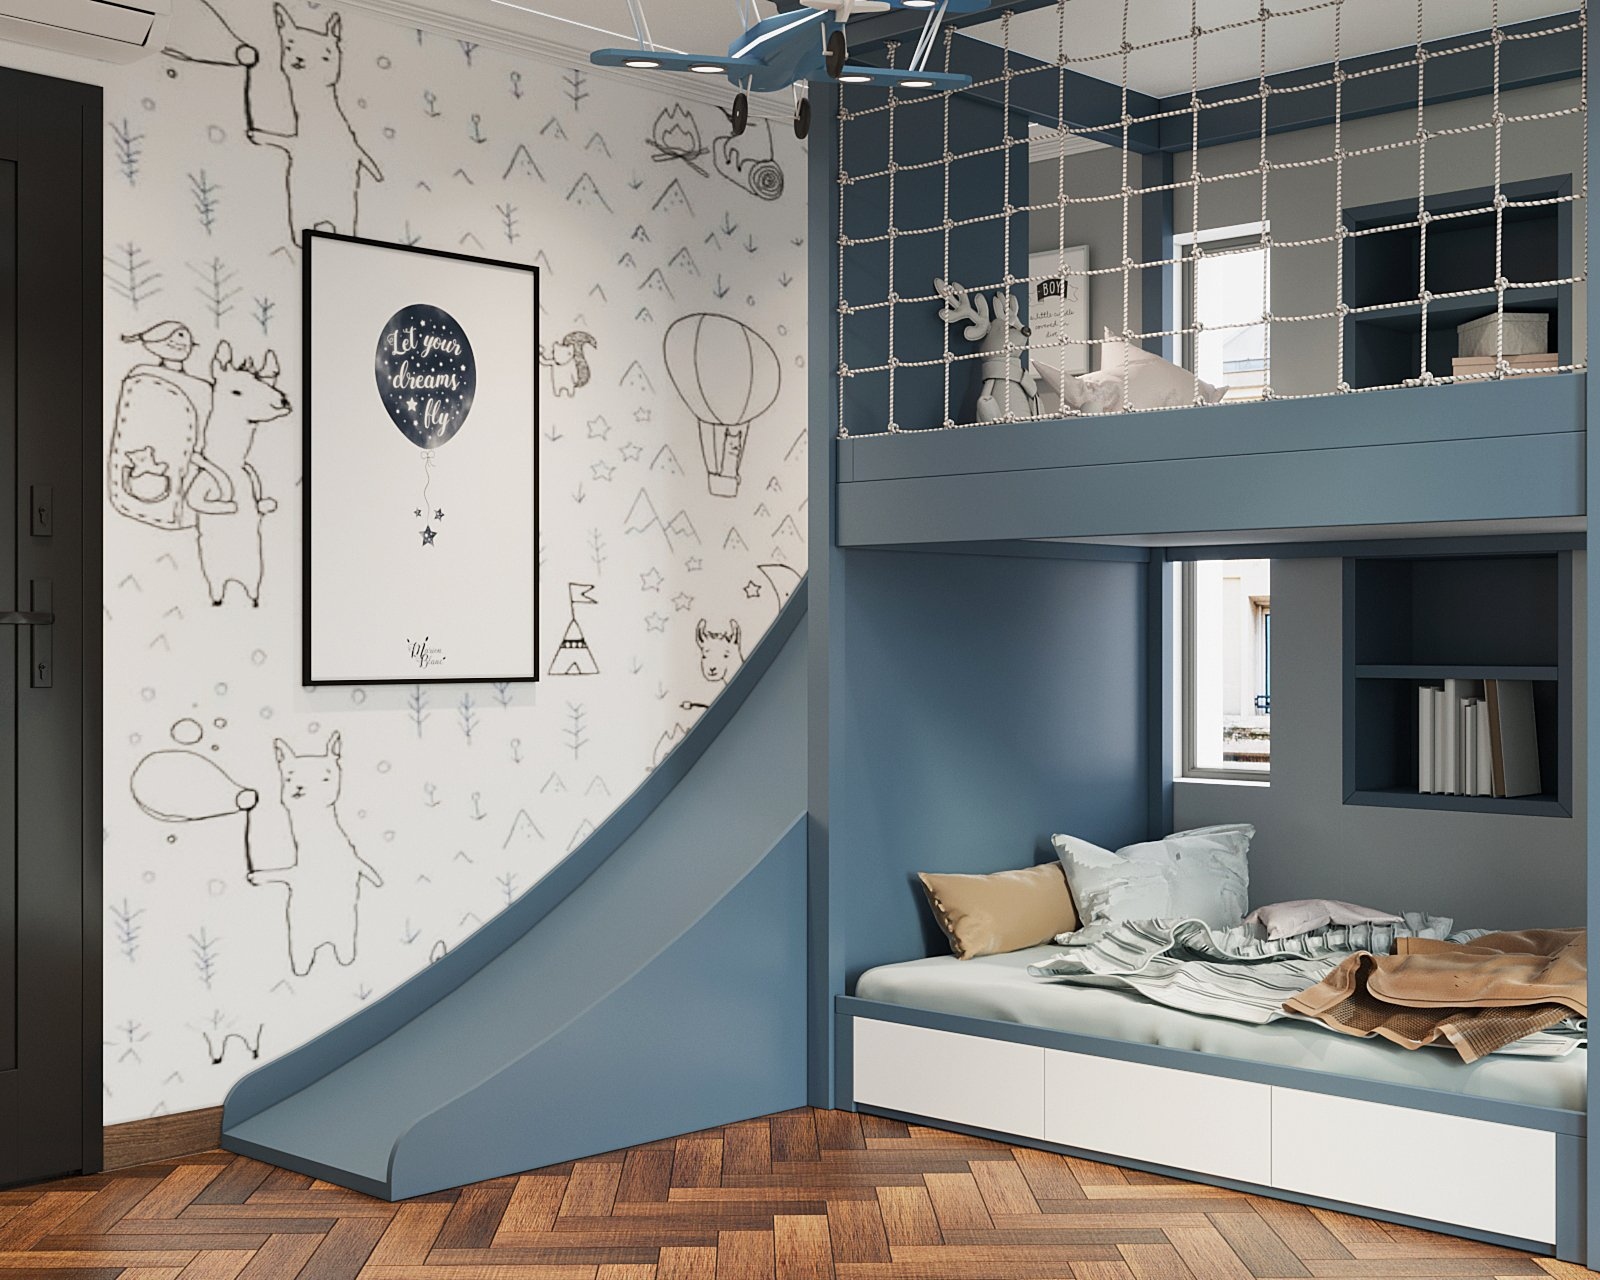 Thiết kế giường tầng tích cầu trượt đang là xu hướng rất được ưa chuộng, đặc biệt phù hợp với các bé trong độ tuổi mầm non, tiểu học.